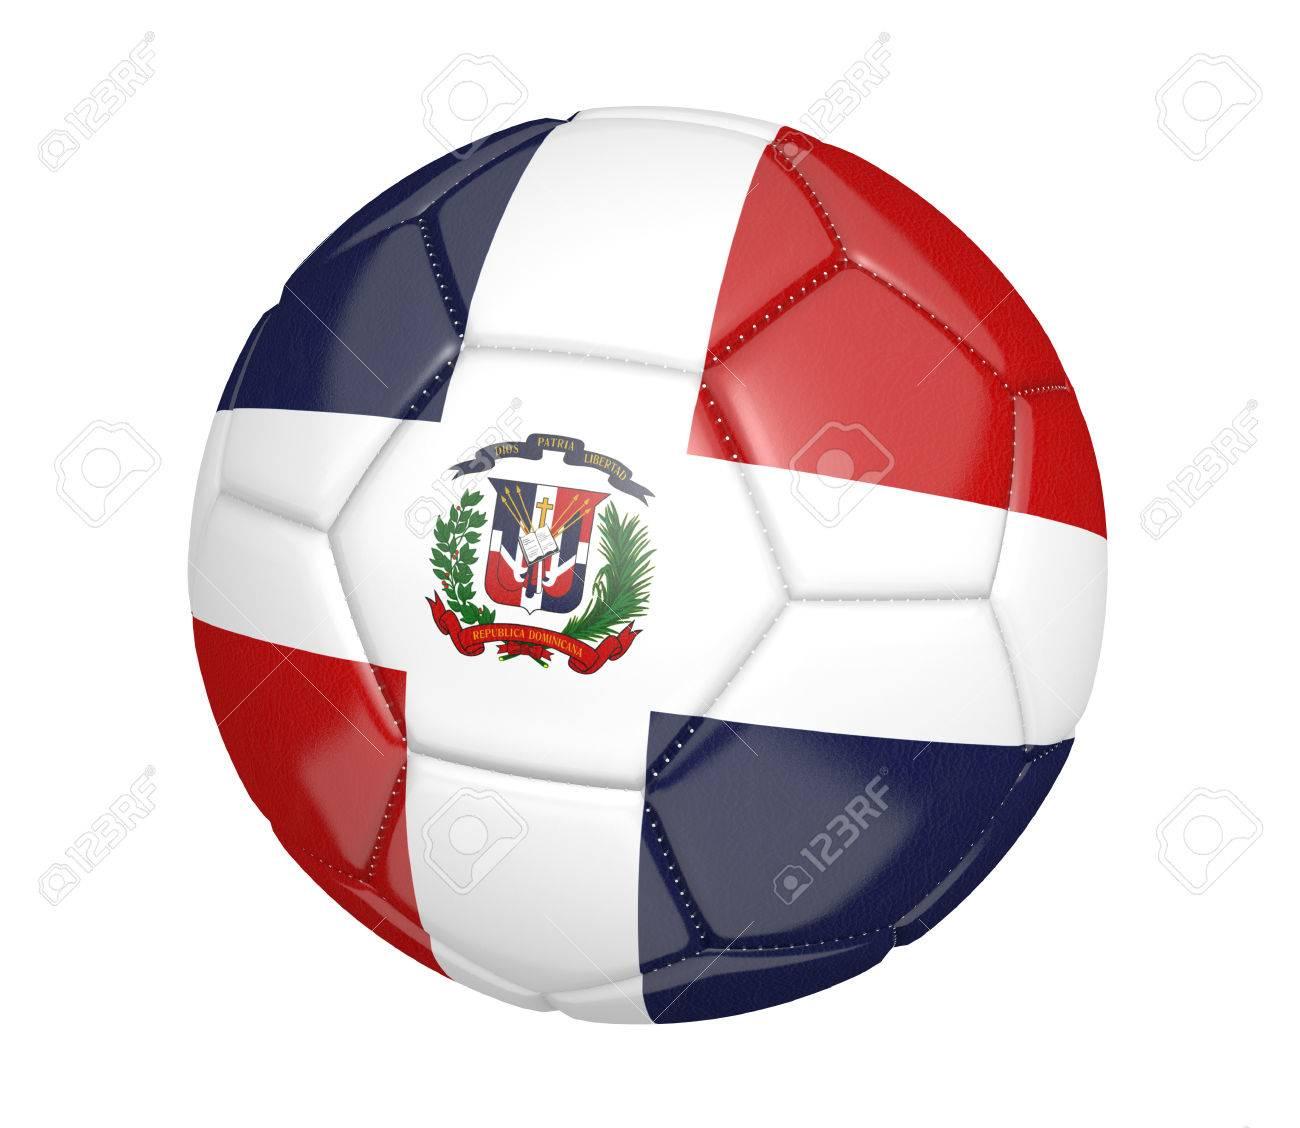 Fußball, Auch Genannt Einen Fußball, Mit Den Farben Der Nationalen ...